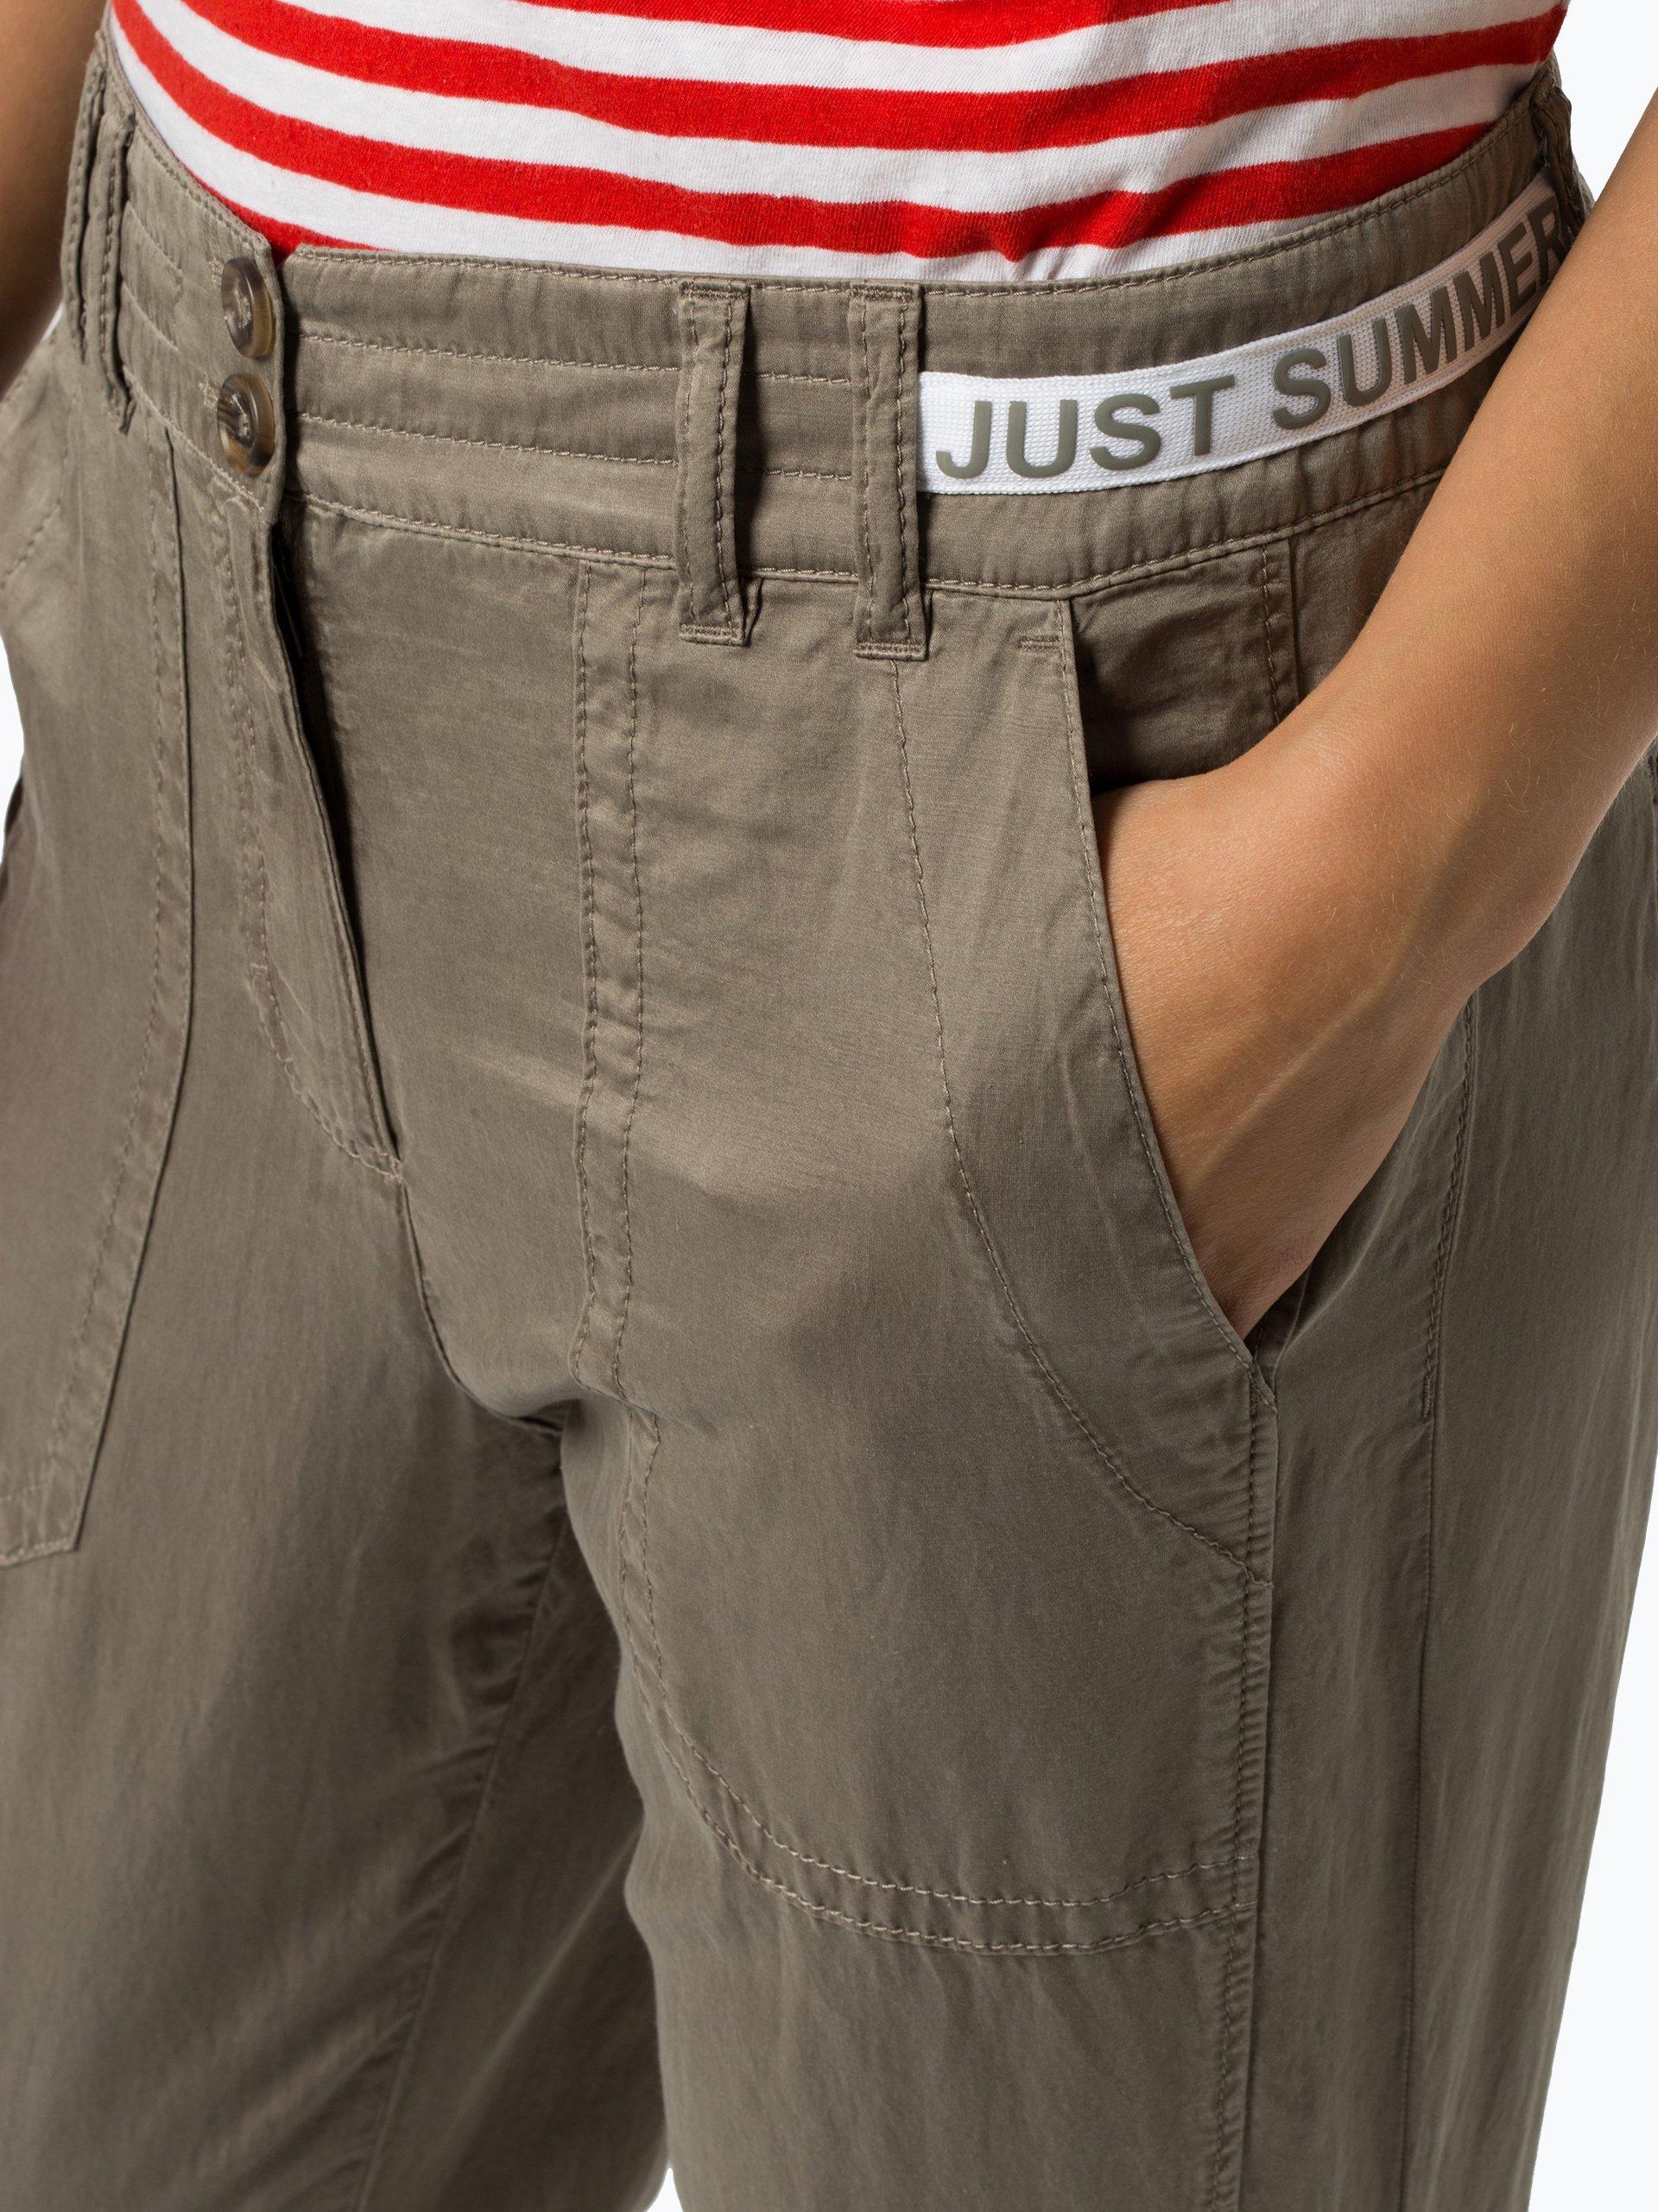 Marc Cain Sports Spodnie damskie z dodatkiem jedwabiu